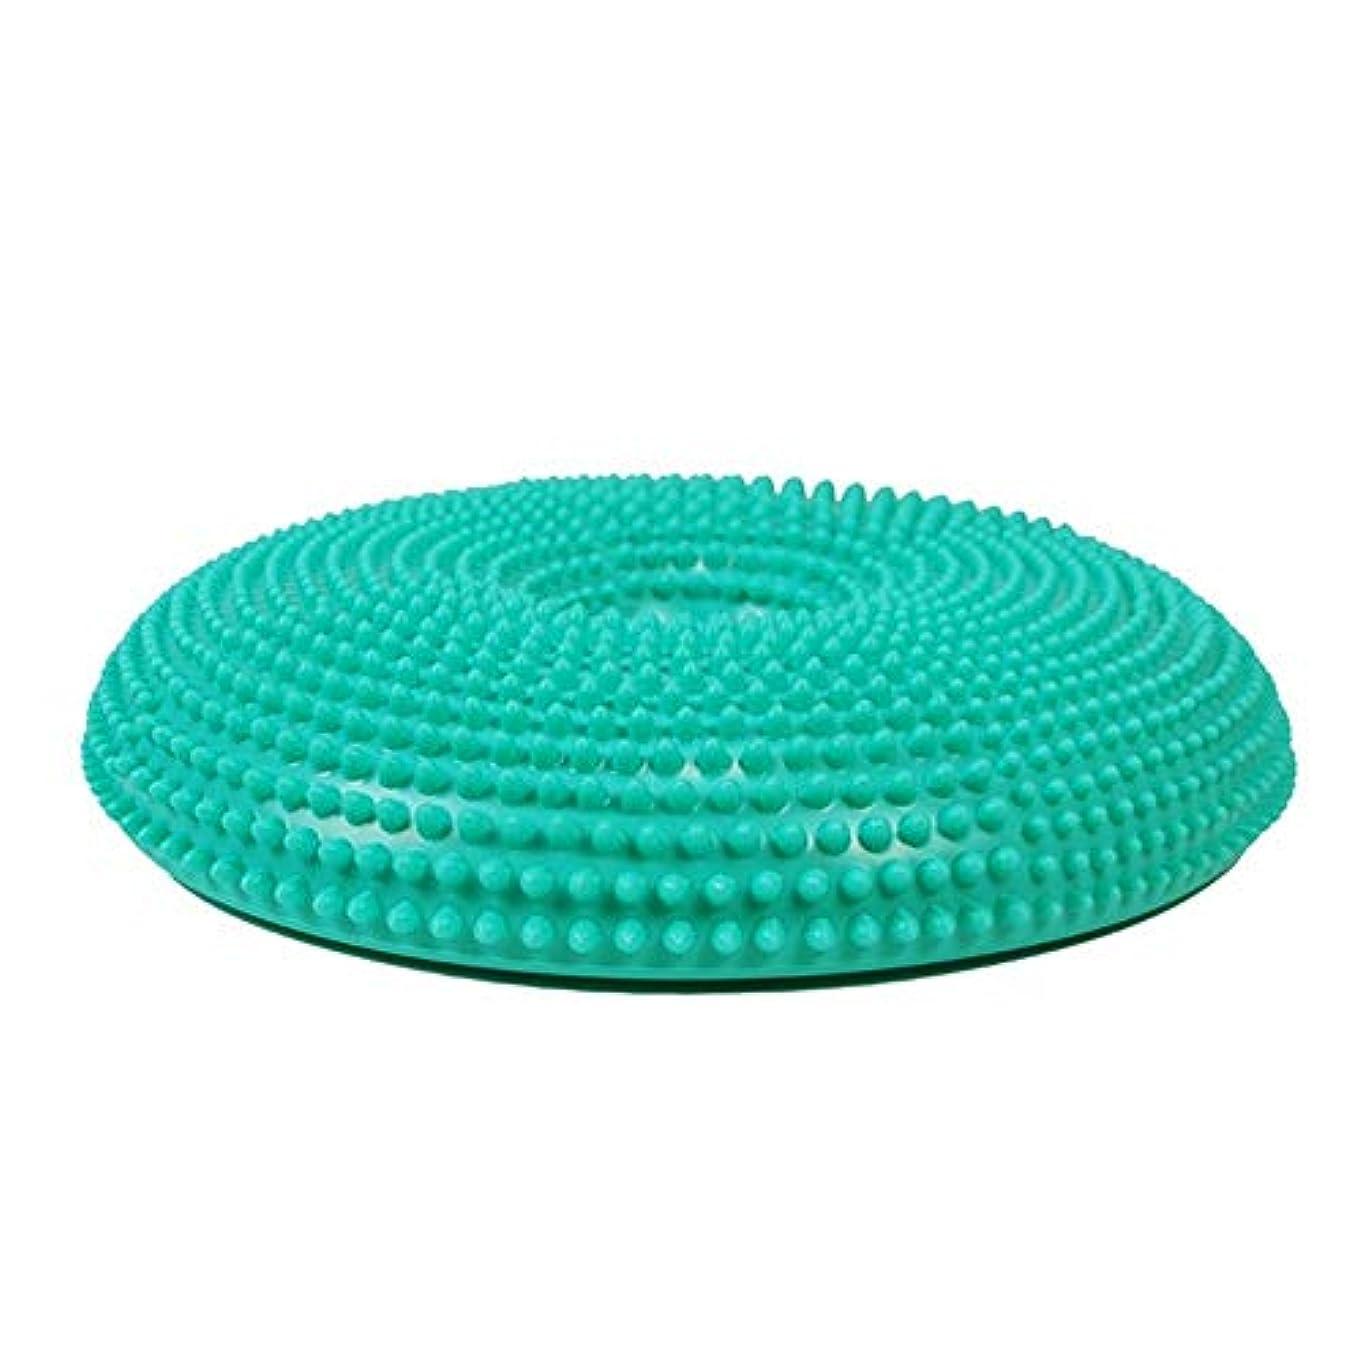 排除する暴力的なリフレッシュバランスディスク PVCヨガバランスパッドマッサージクッションバランスプレートインフレータブルクッションヨガ用品 エクササイズバランス安定トレーナー (色 : 緑, サイズ : ワンサイズ)